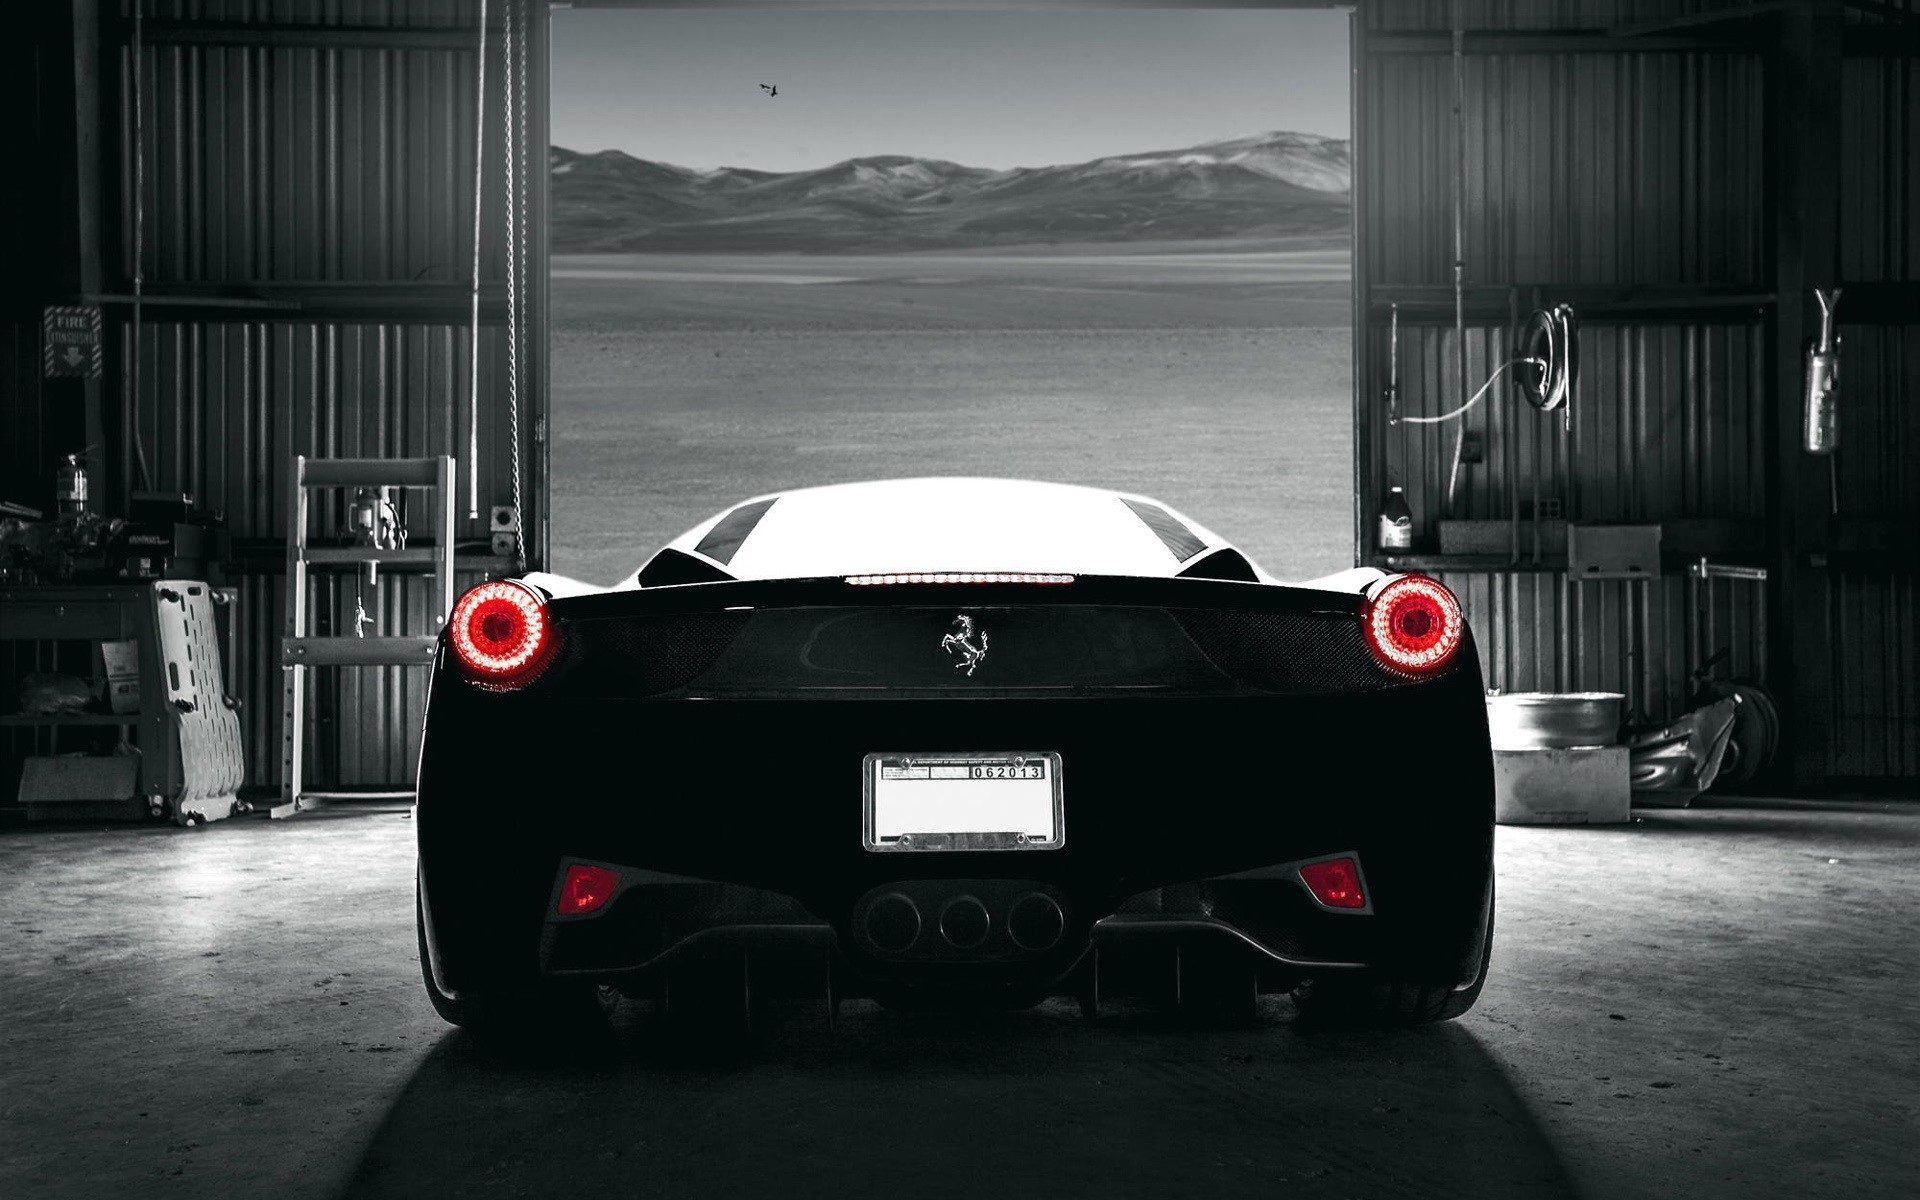 Black Ferrari Wallpaper (59+ Images